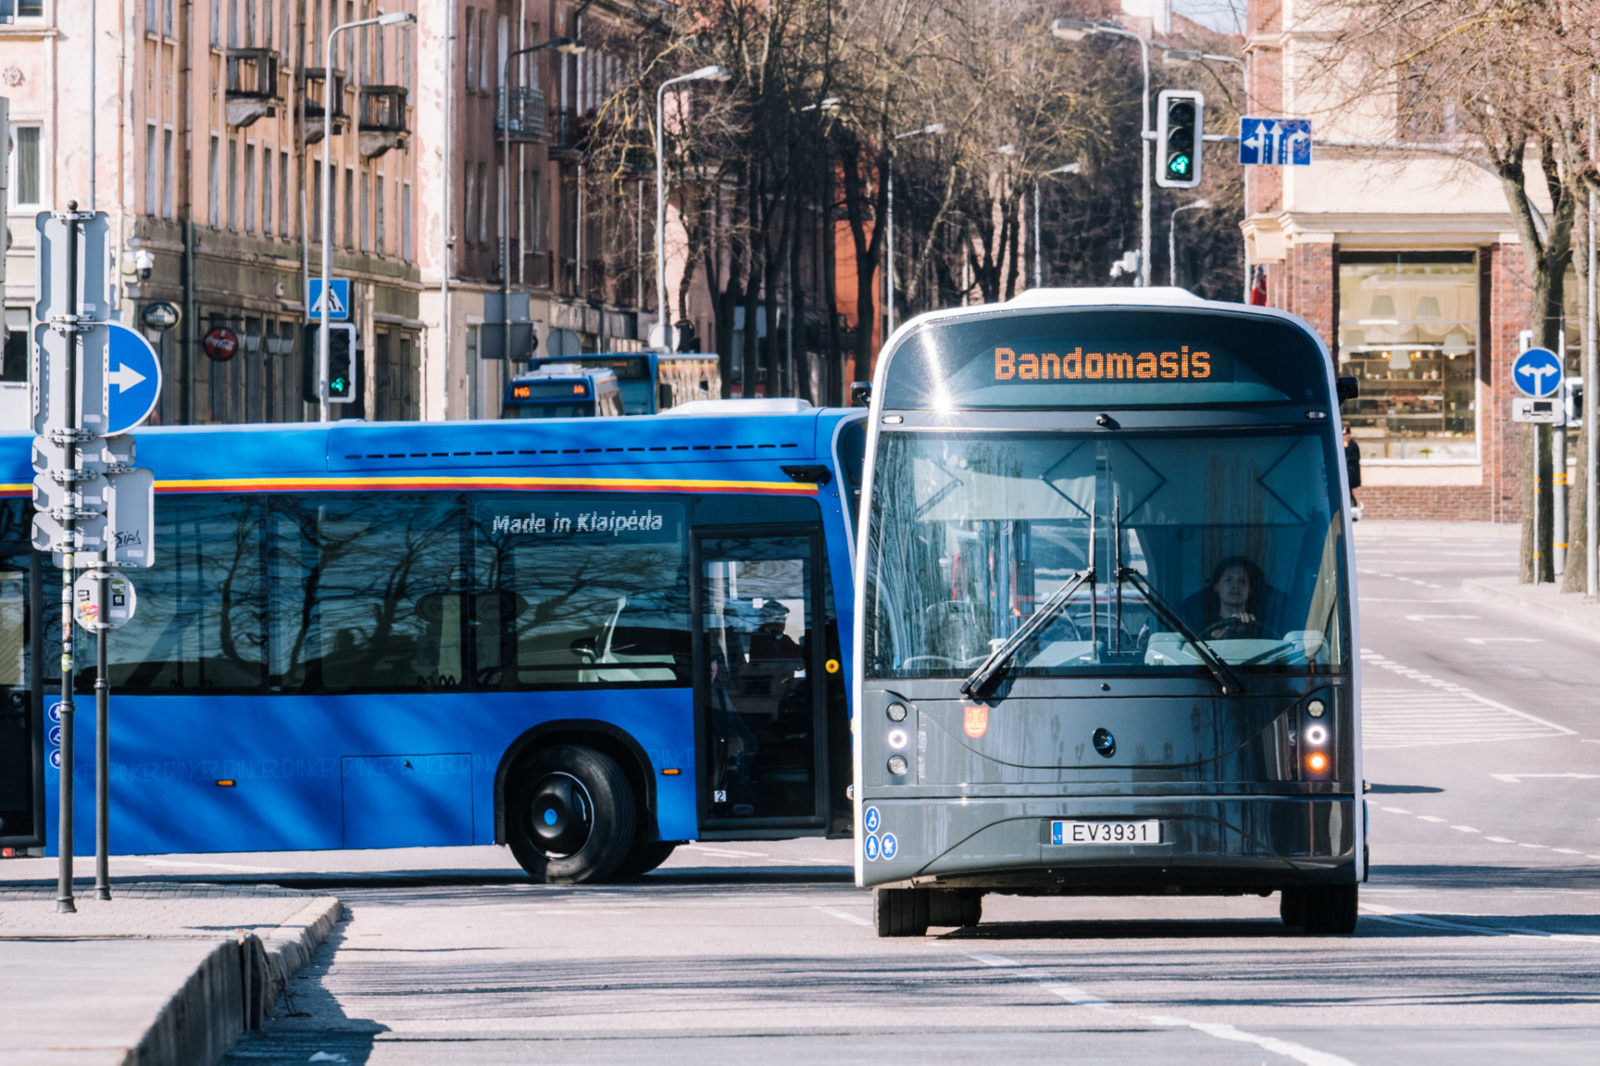 Elektriniai autobusai – netolima Klaipėdos ateitis